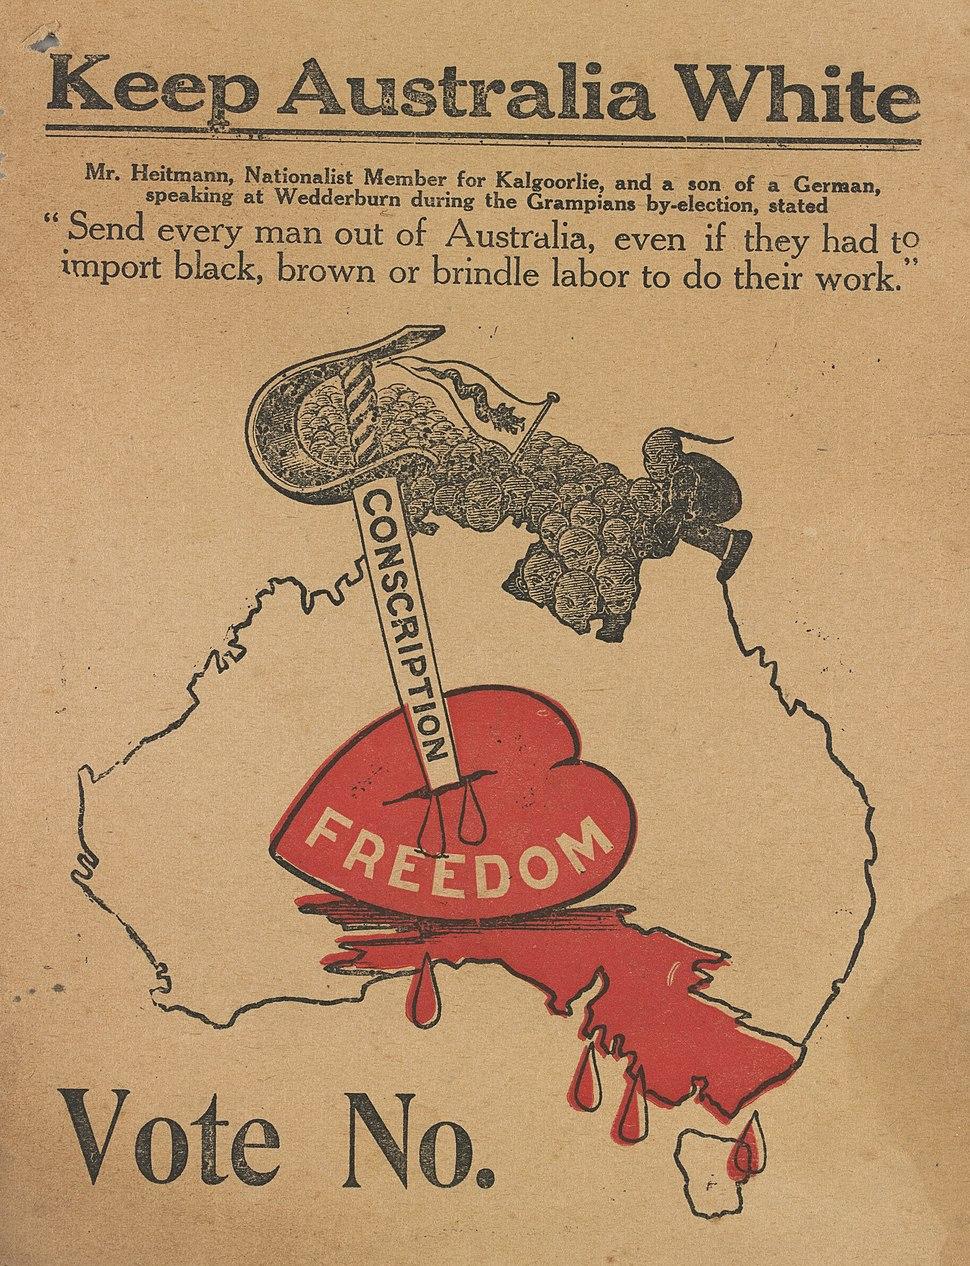 Keep Australia White